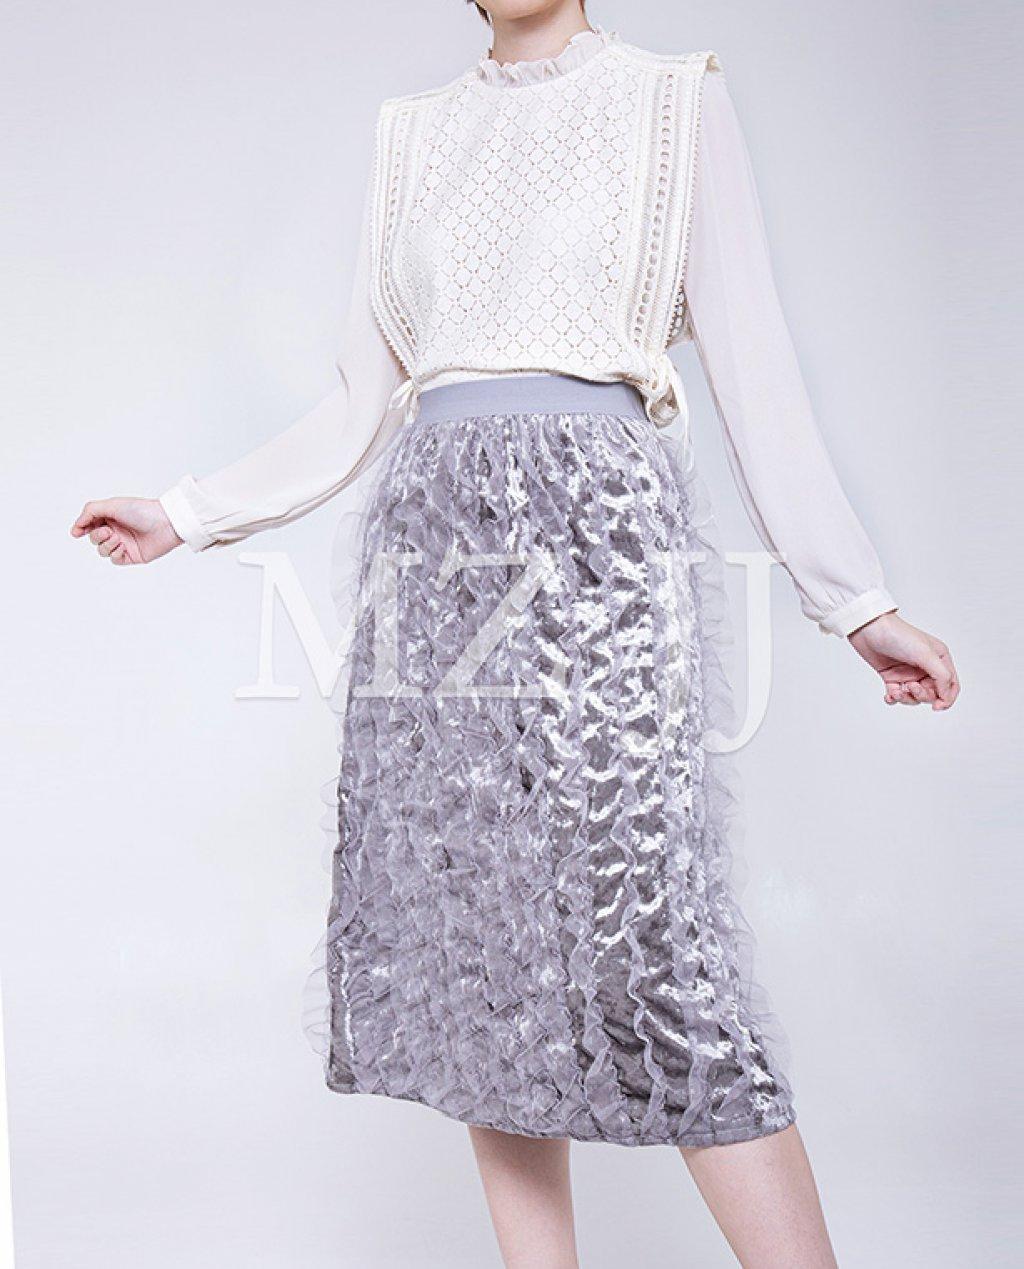 SK10977LGY Skirt